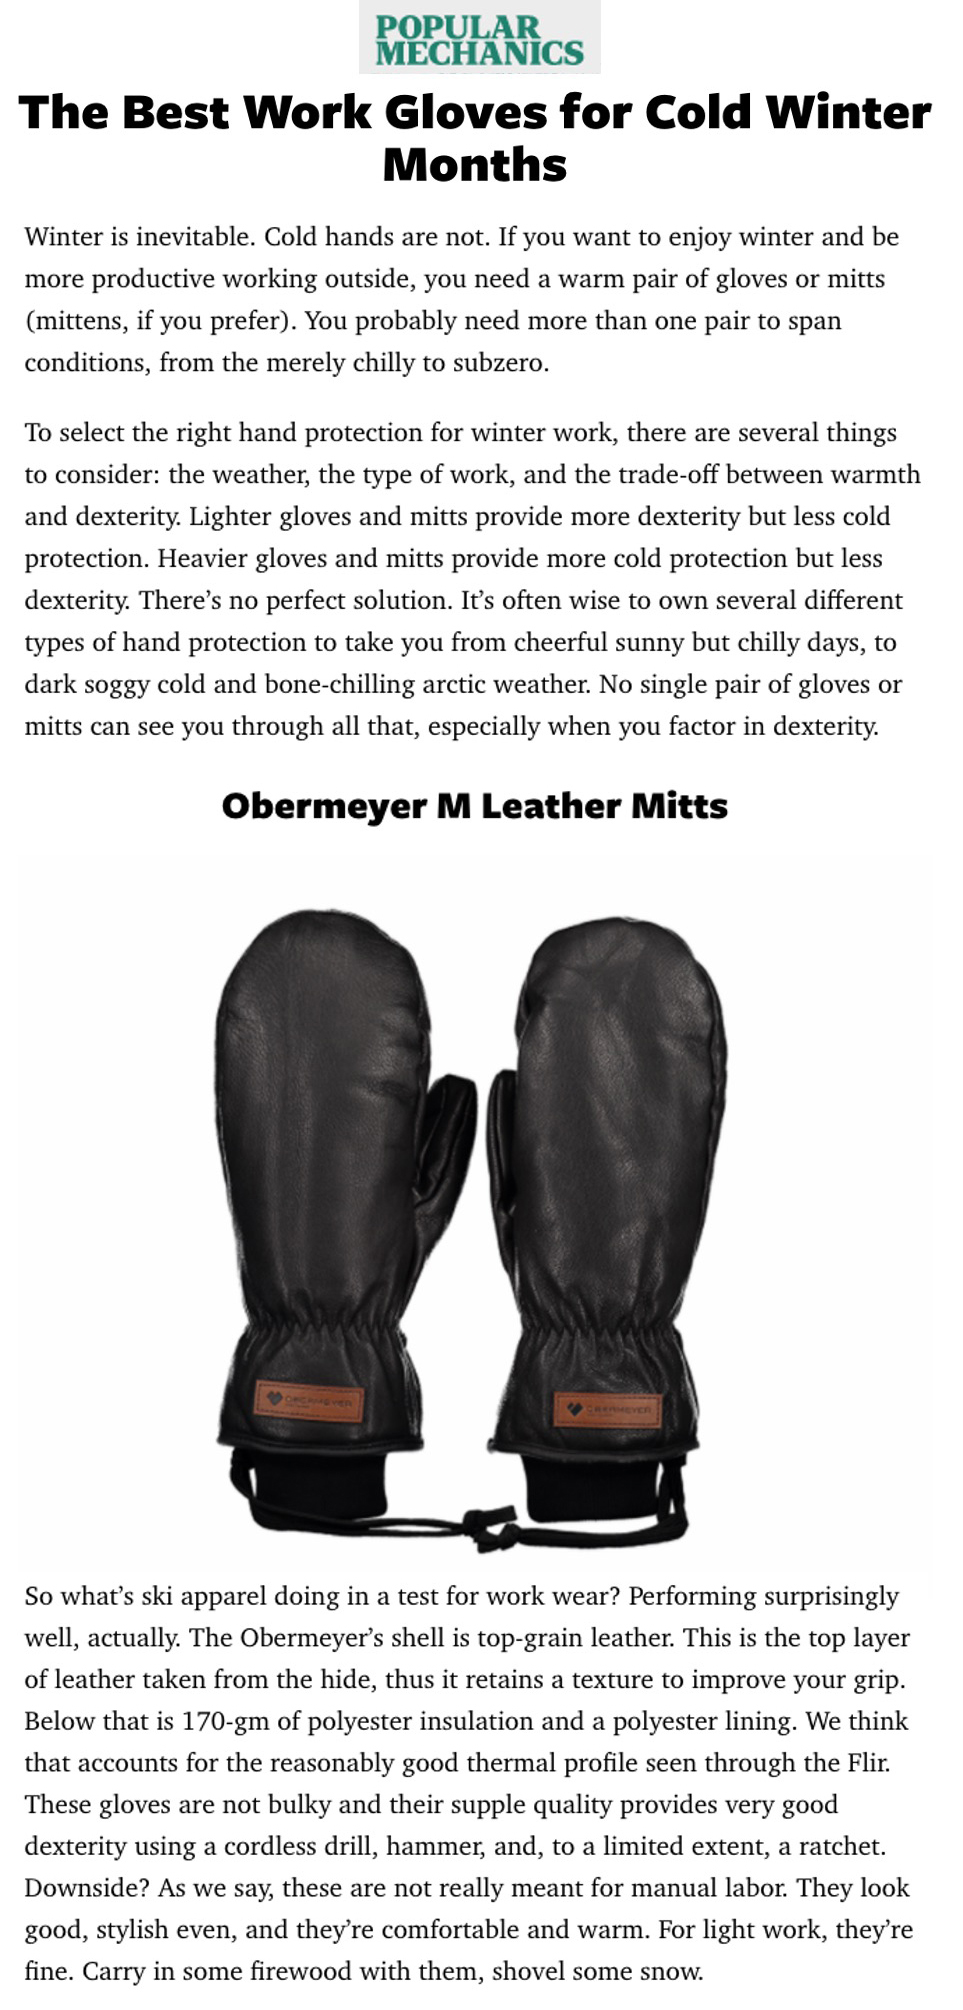 obermeyer leather mitten